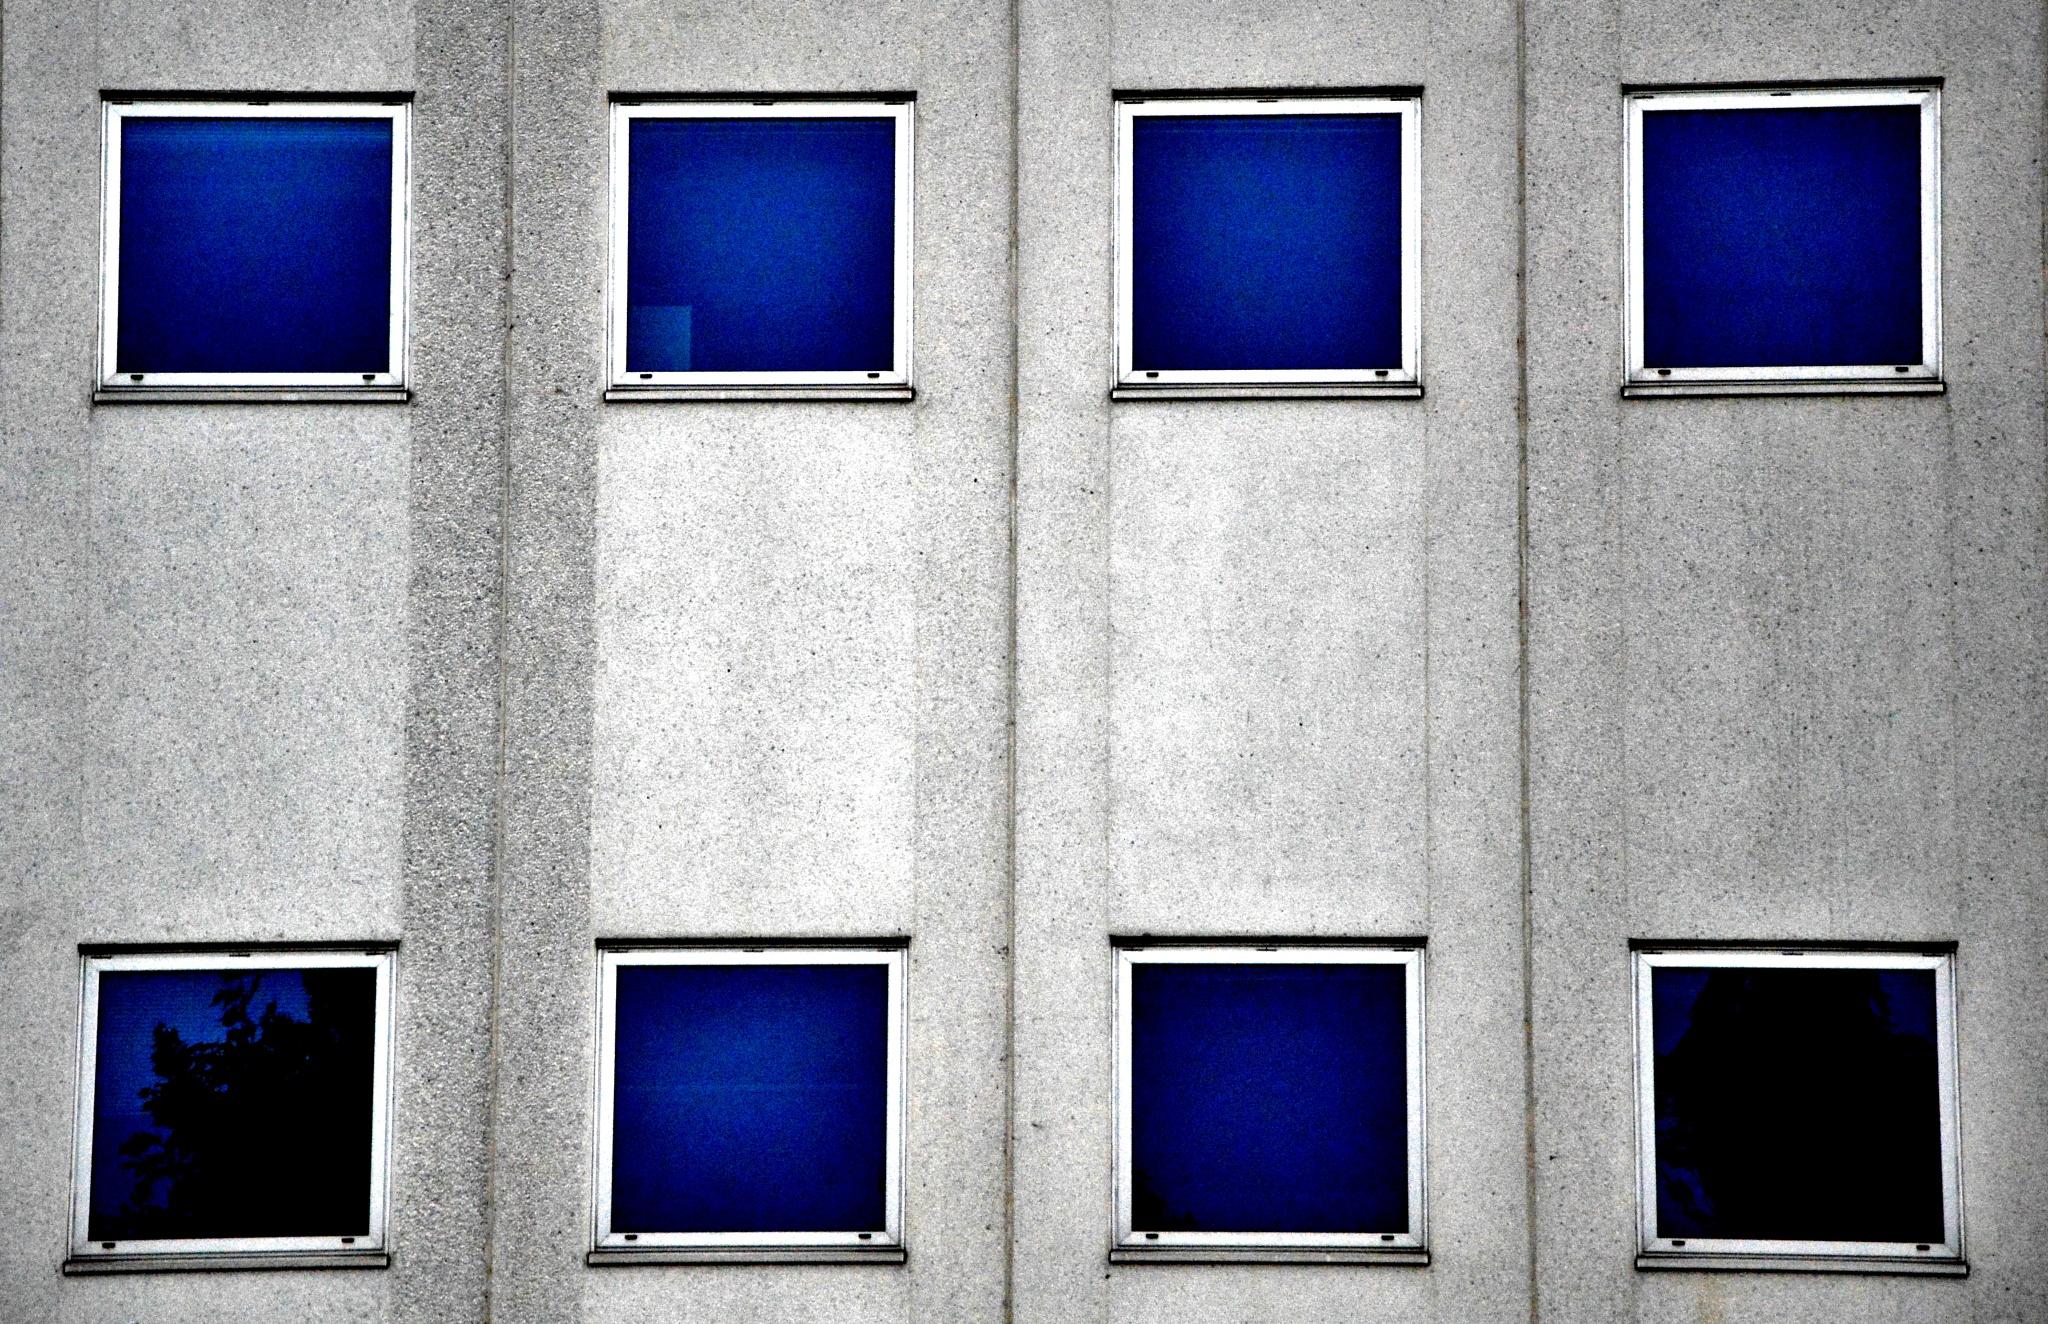 windows by lorena.rinaudo.9